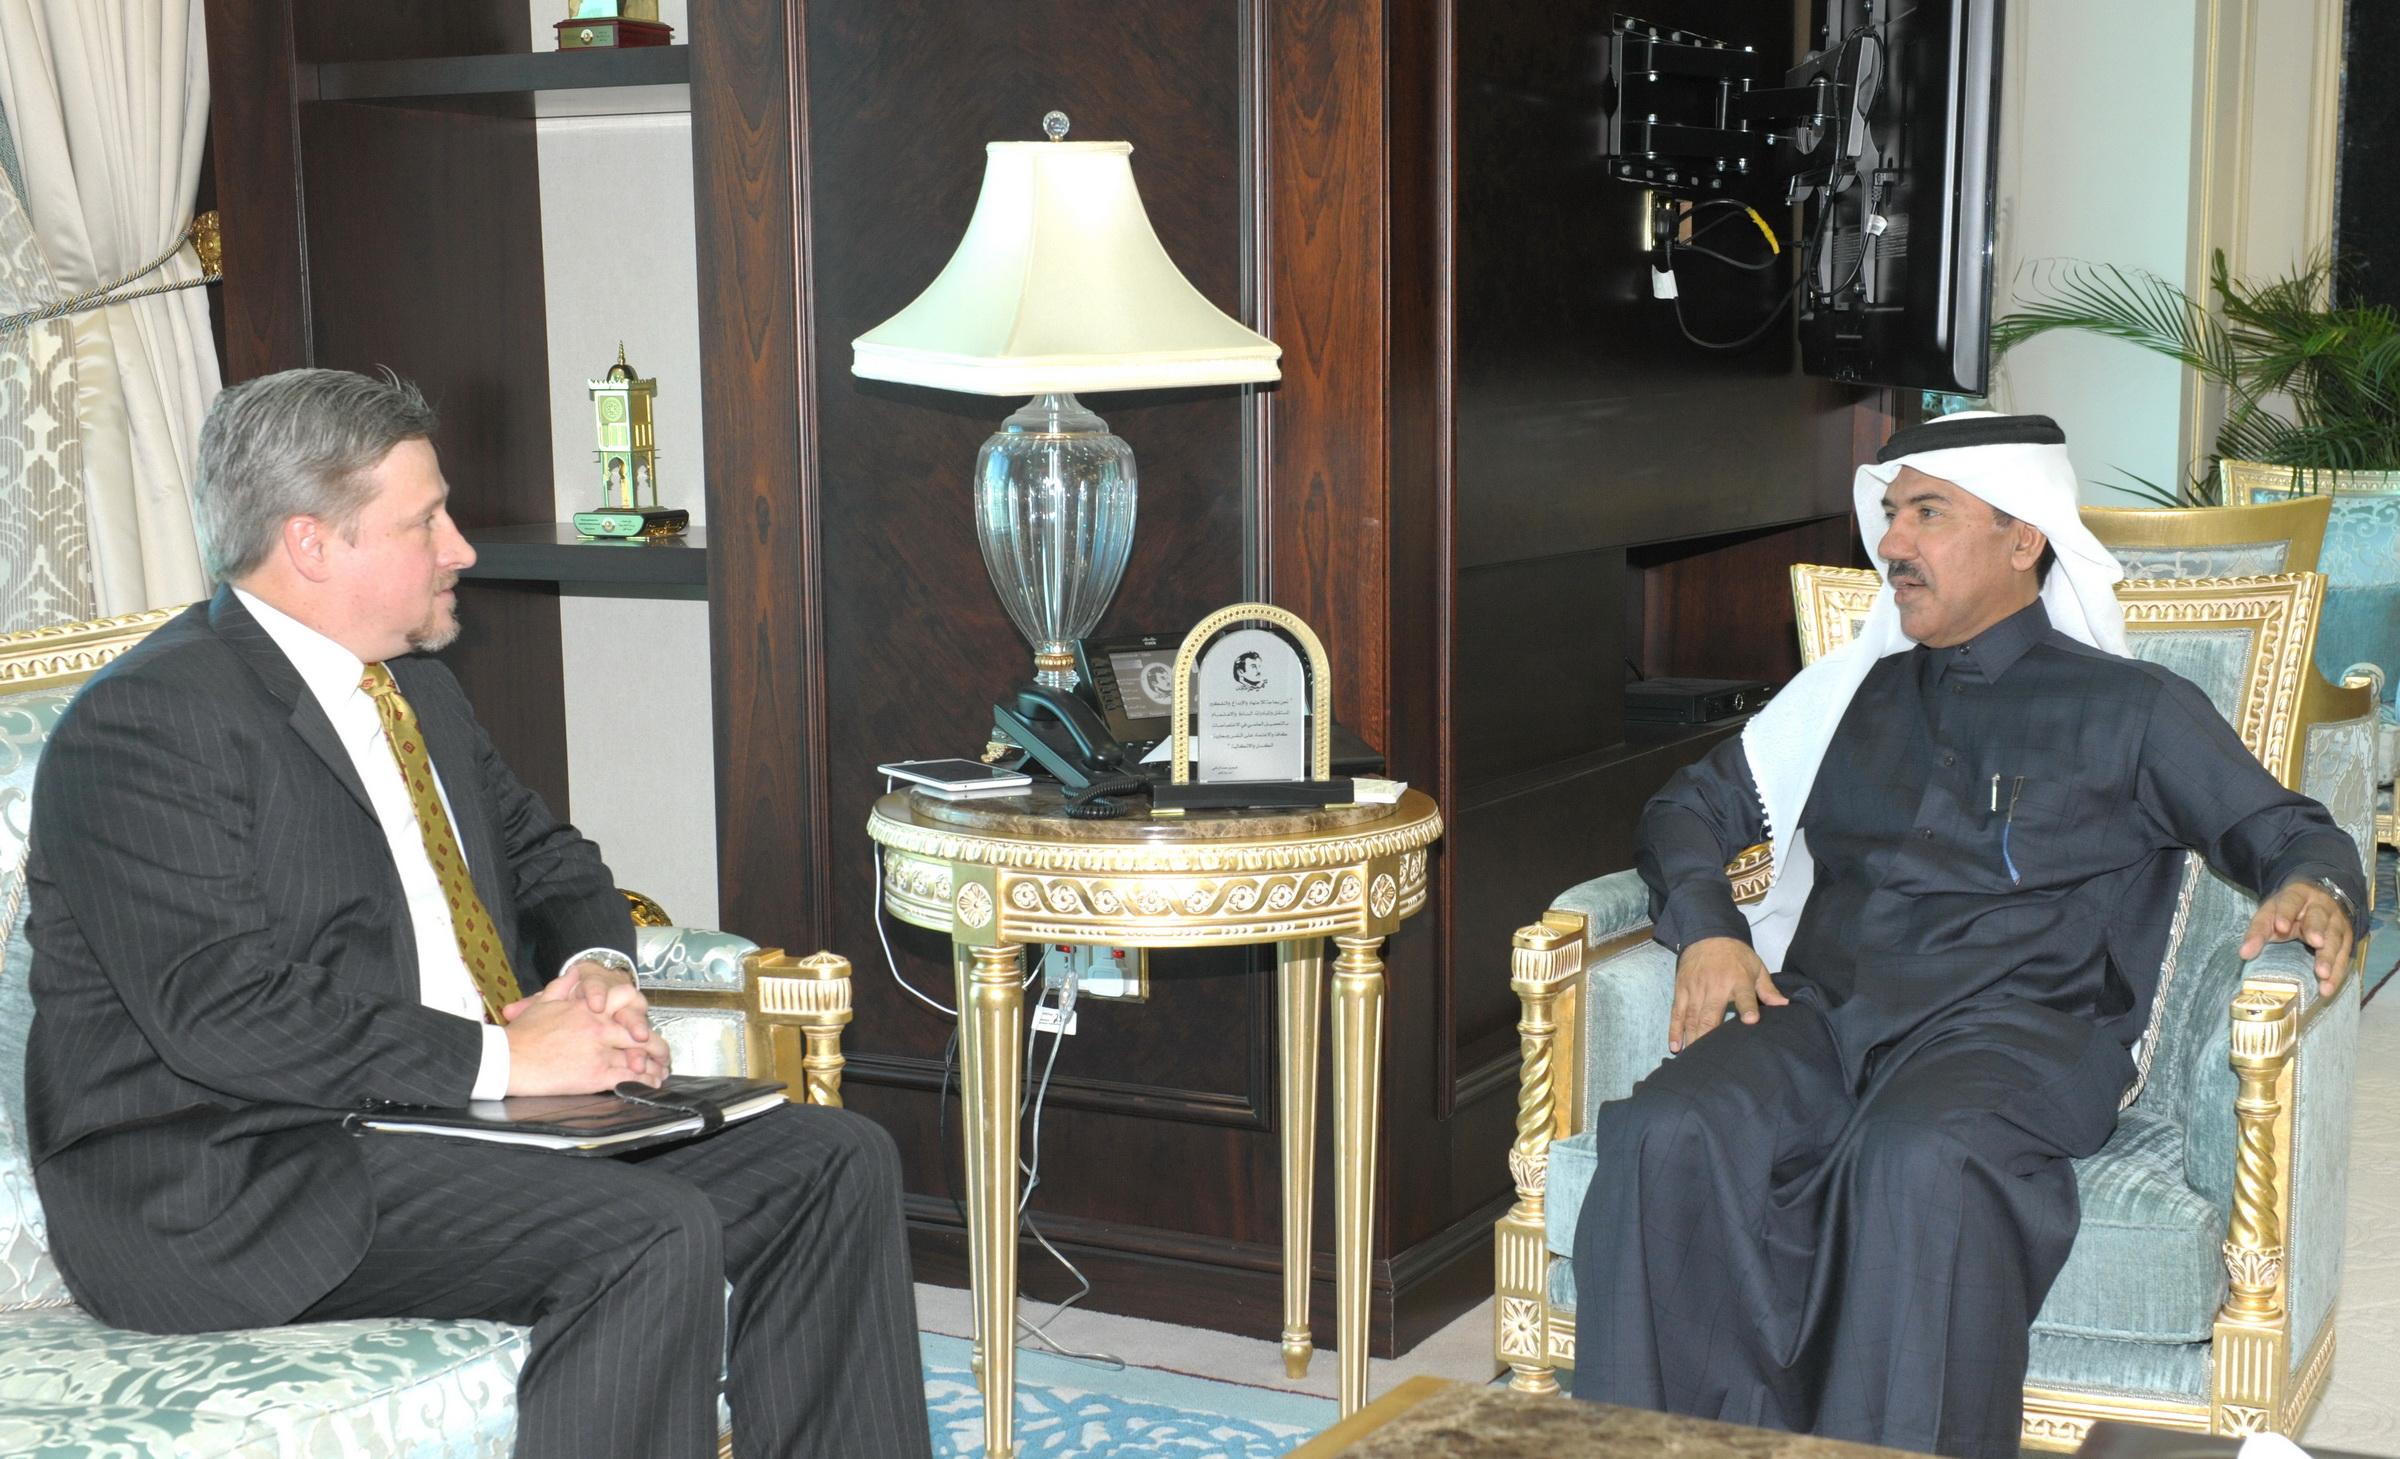 الأمين العام لوزارة الخارجية يجتمع مع المستشار السياسي والاقتصادي بالسفارة الأمريكية